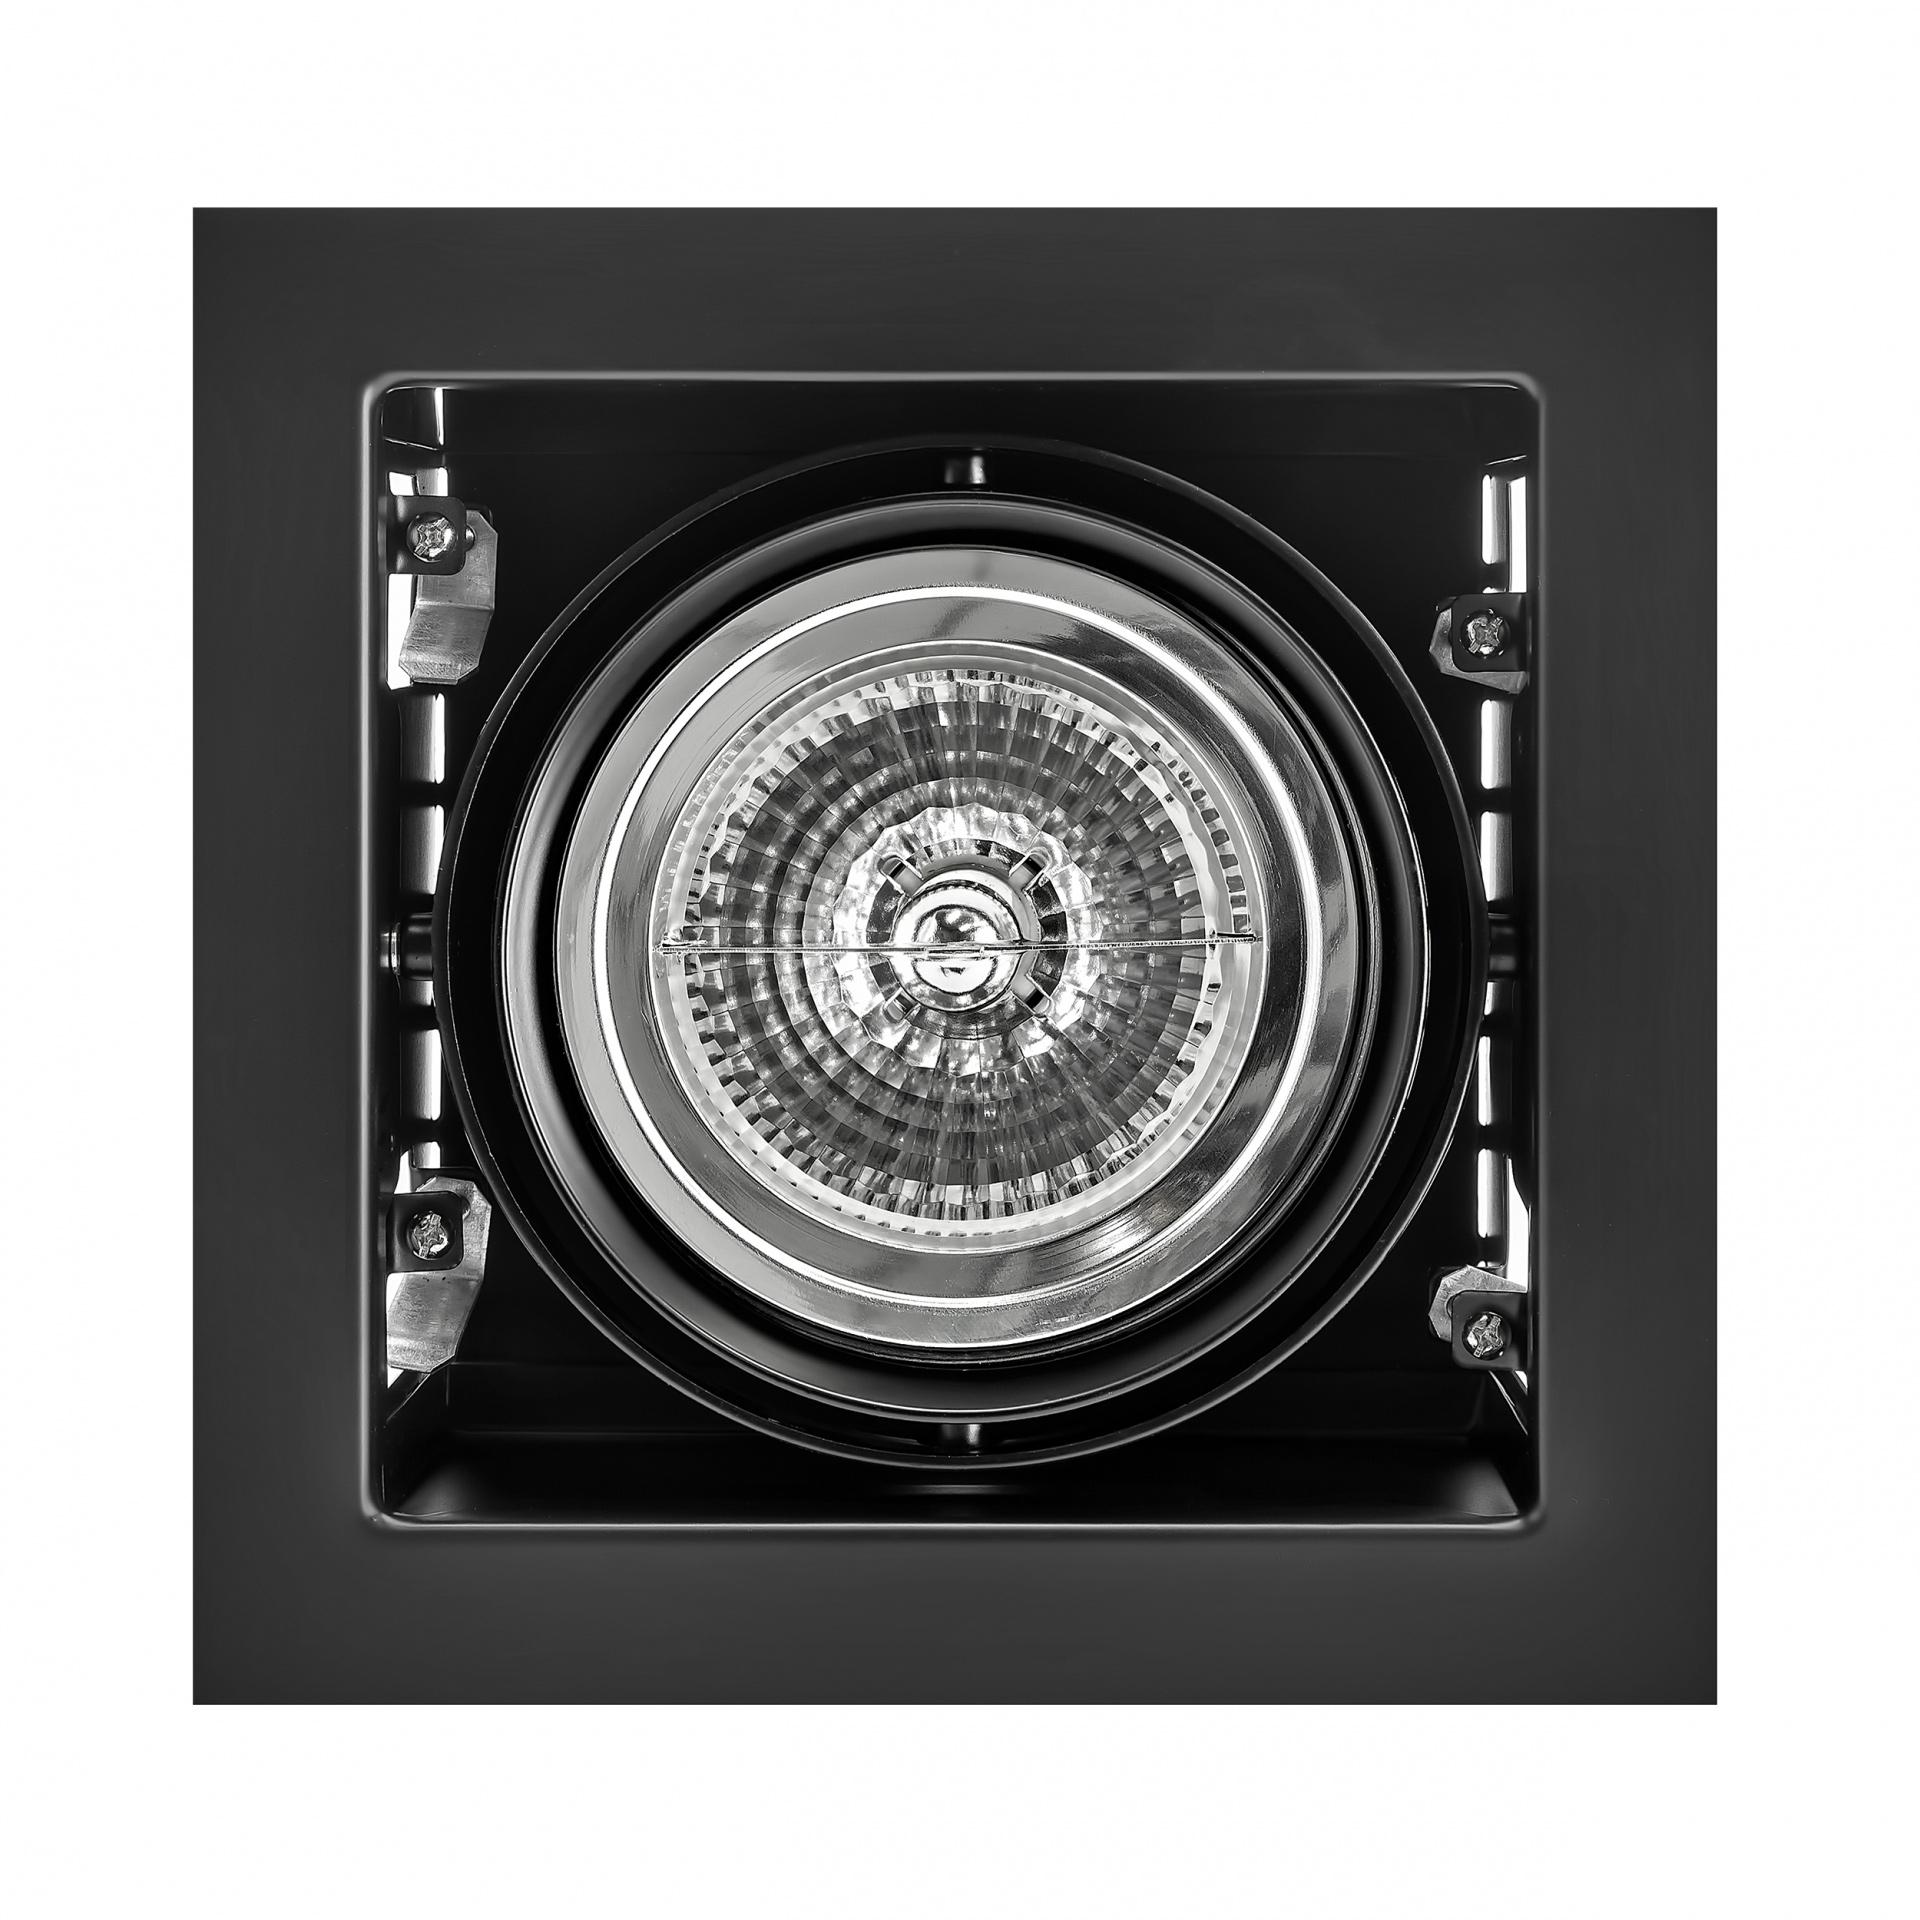 Светильник Cardano 111Х1 черный Lightstar 214118, купить в СПб, Москве, с доставкой, Санкт-Петербург, интернет-магазин люстр и светильников Starlight, фото в жизни